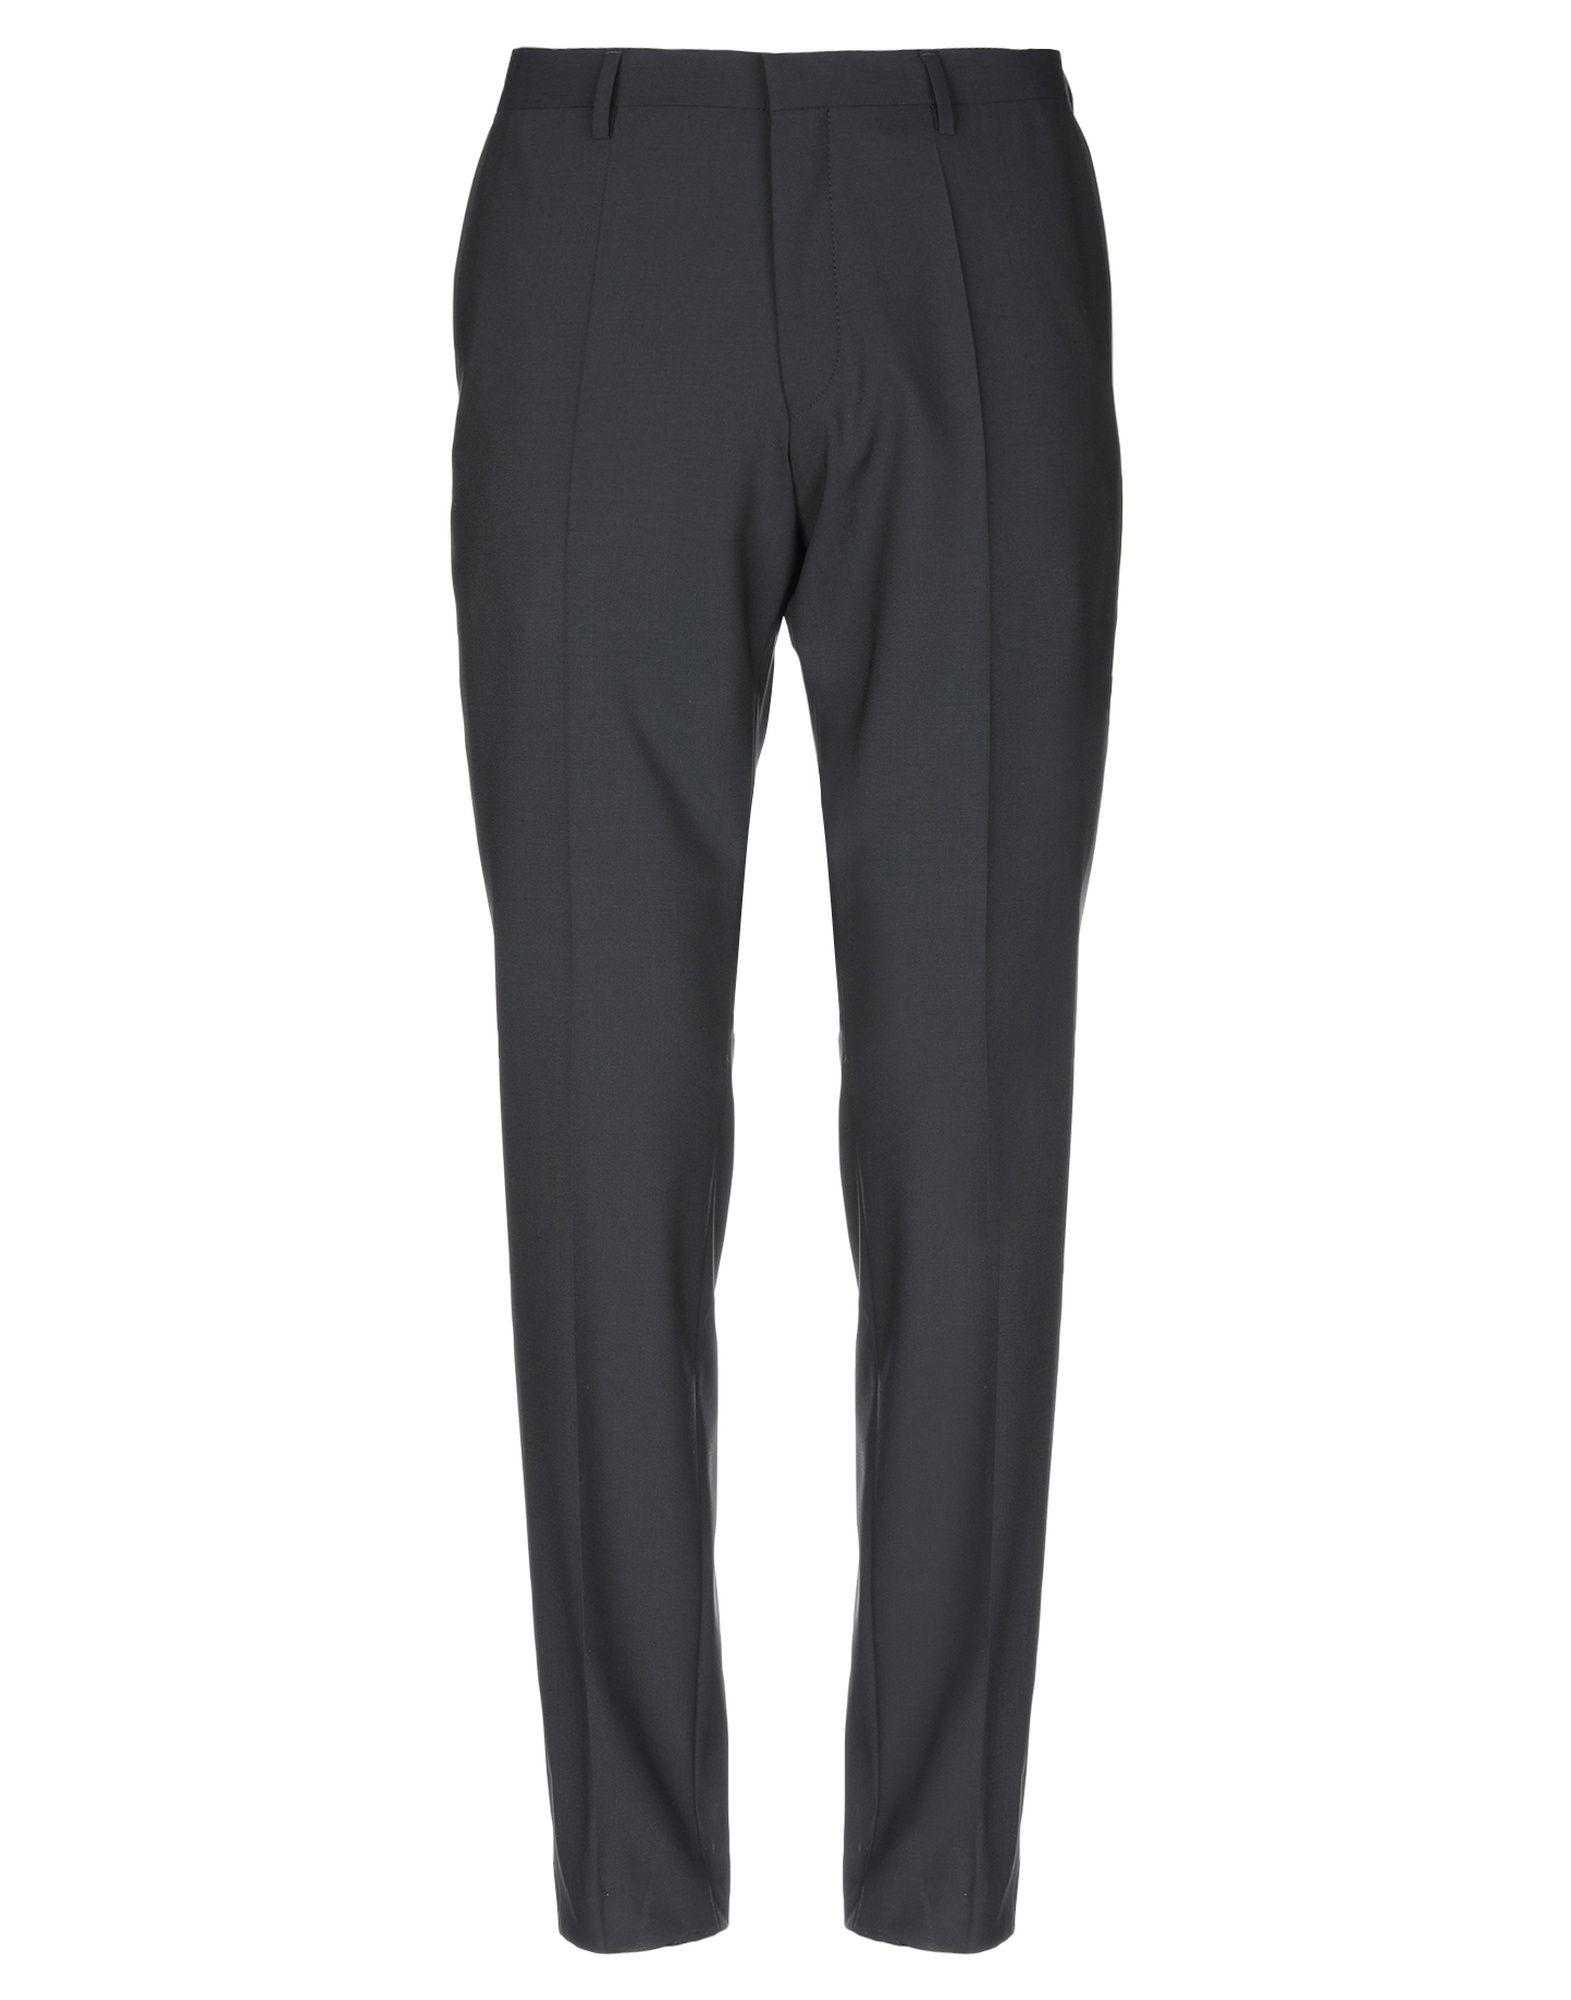 《セール開催中》ROY ROBSON メンズ パンツ ブラック 54 ポリエステル 54% / バージンウール 44% / ポリウレタン 2%